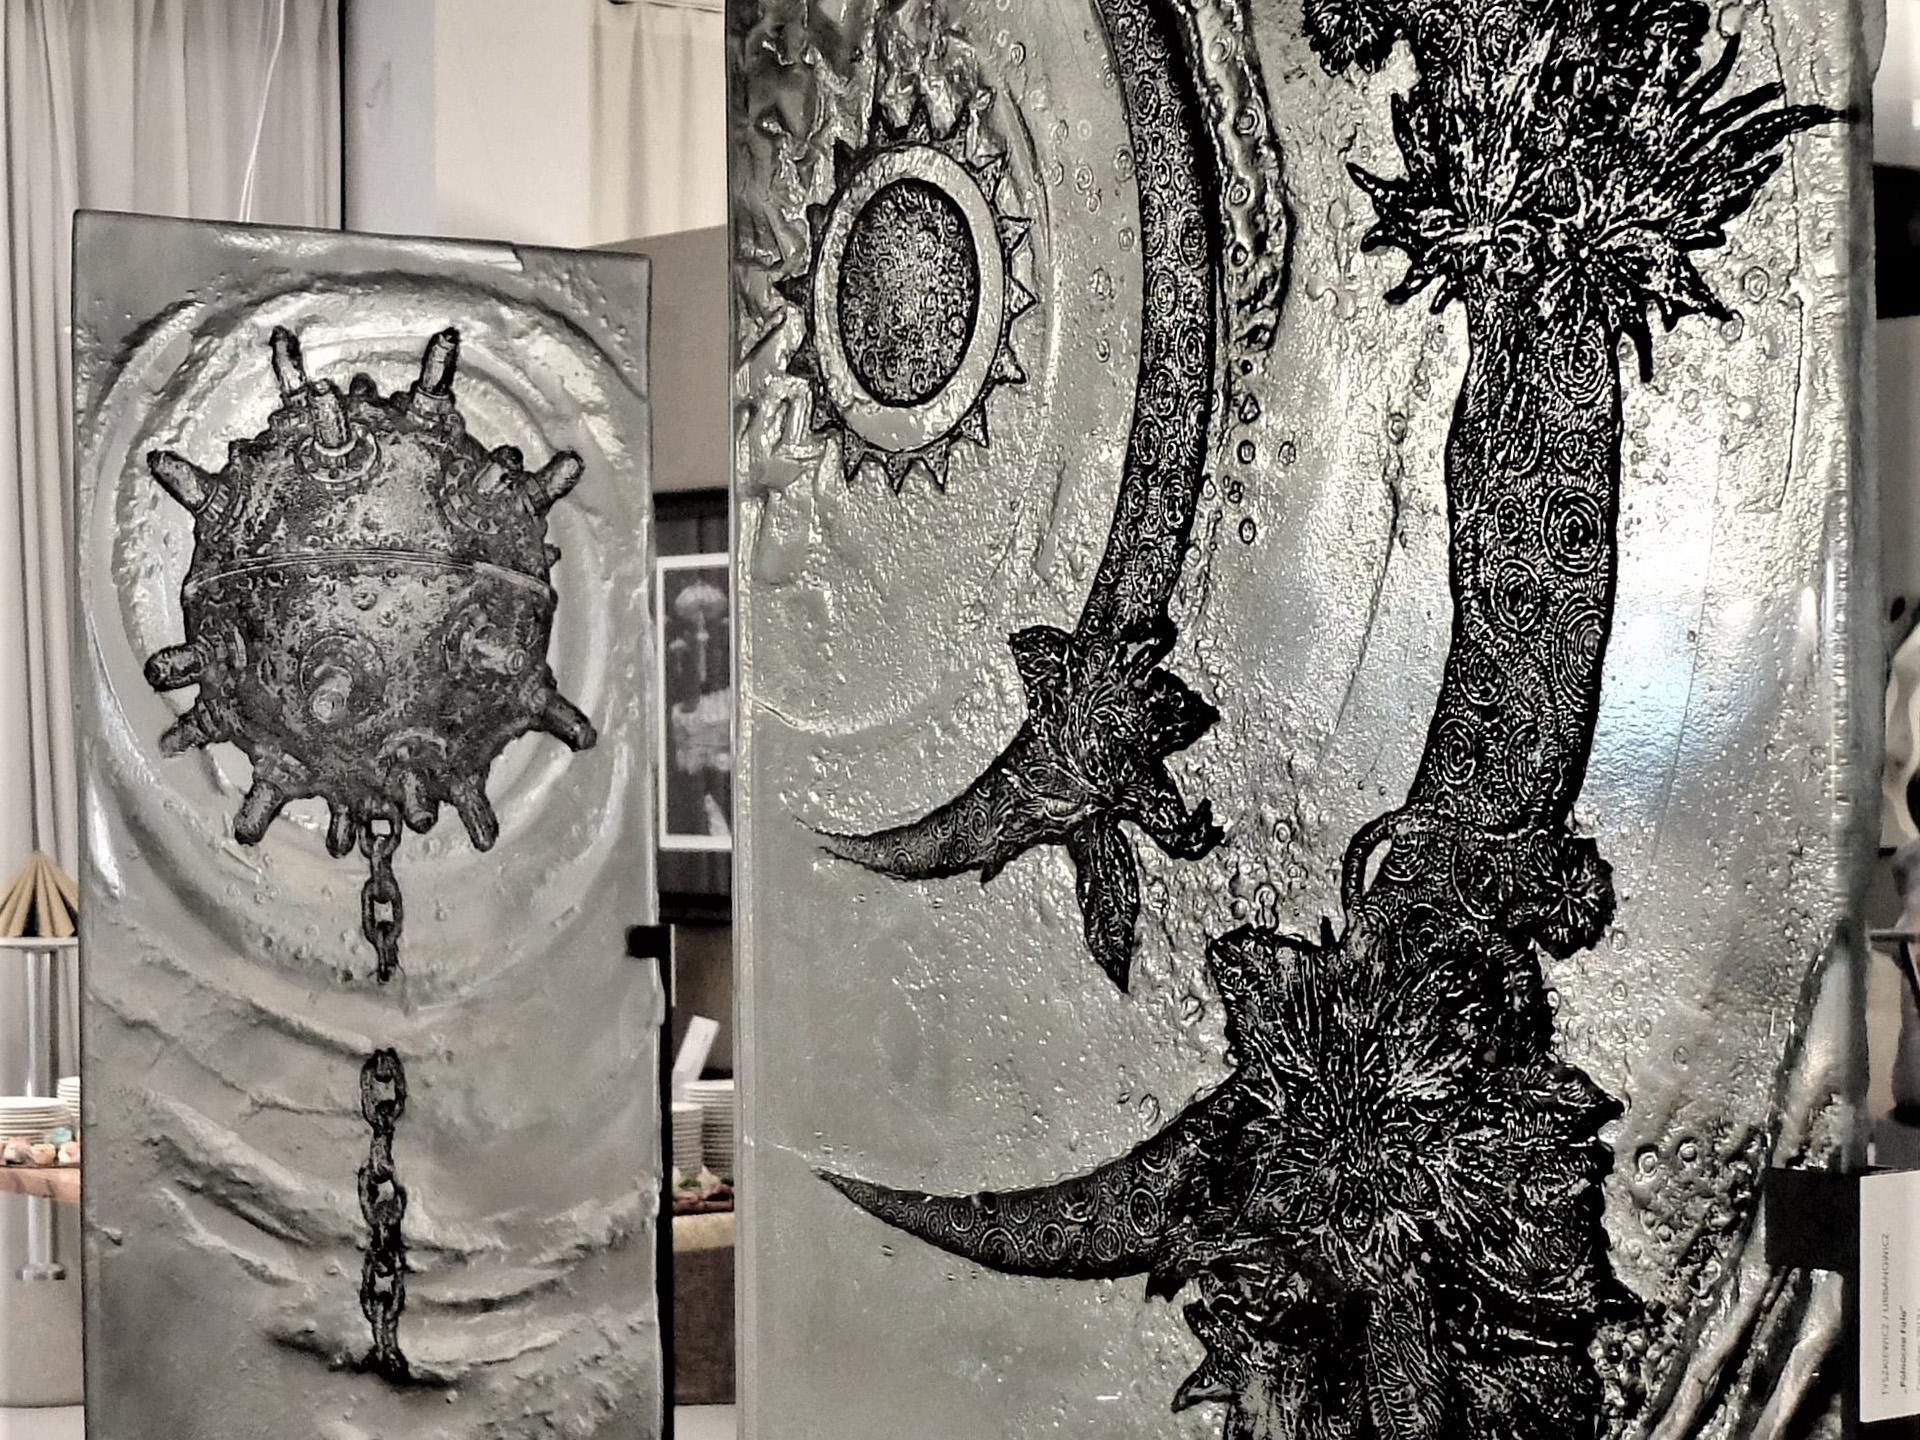 ARCHIGLASS Tomasz Urbanowicz, prof. Przemysław Tyszkiewicz, Grafika w Szkle Artystycznym. Prints in Glass Art.